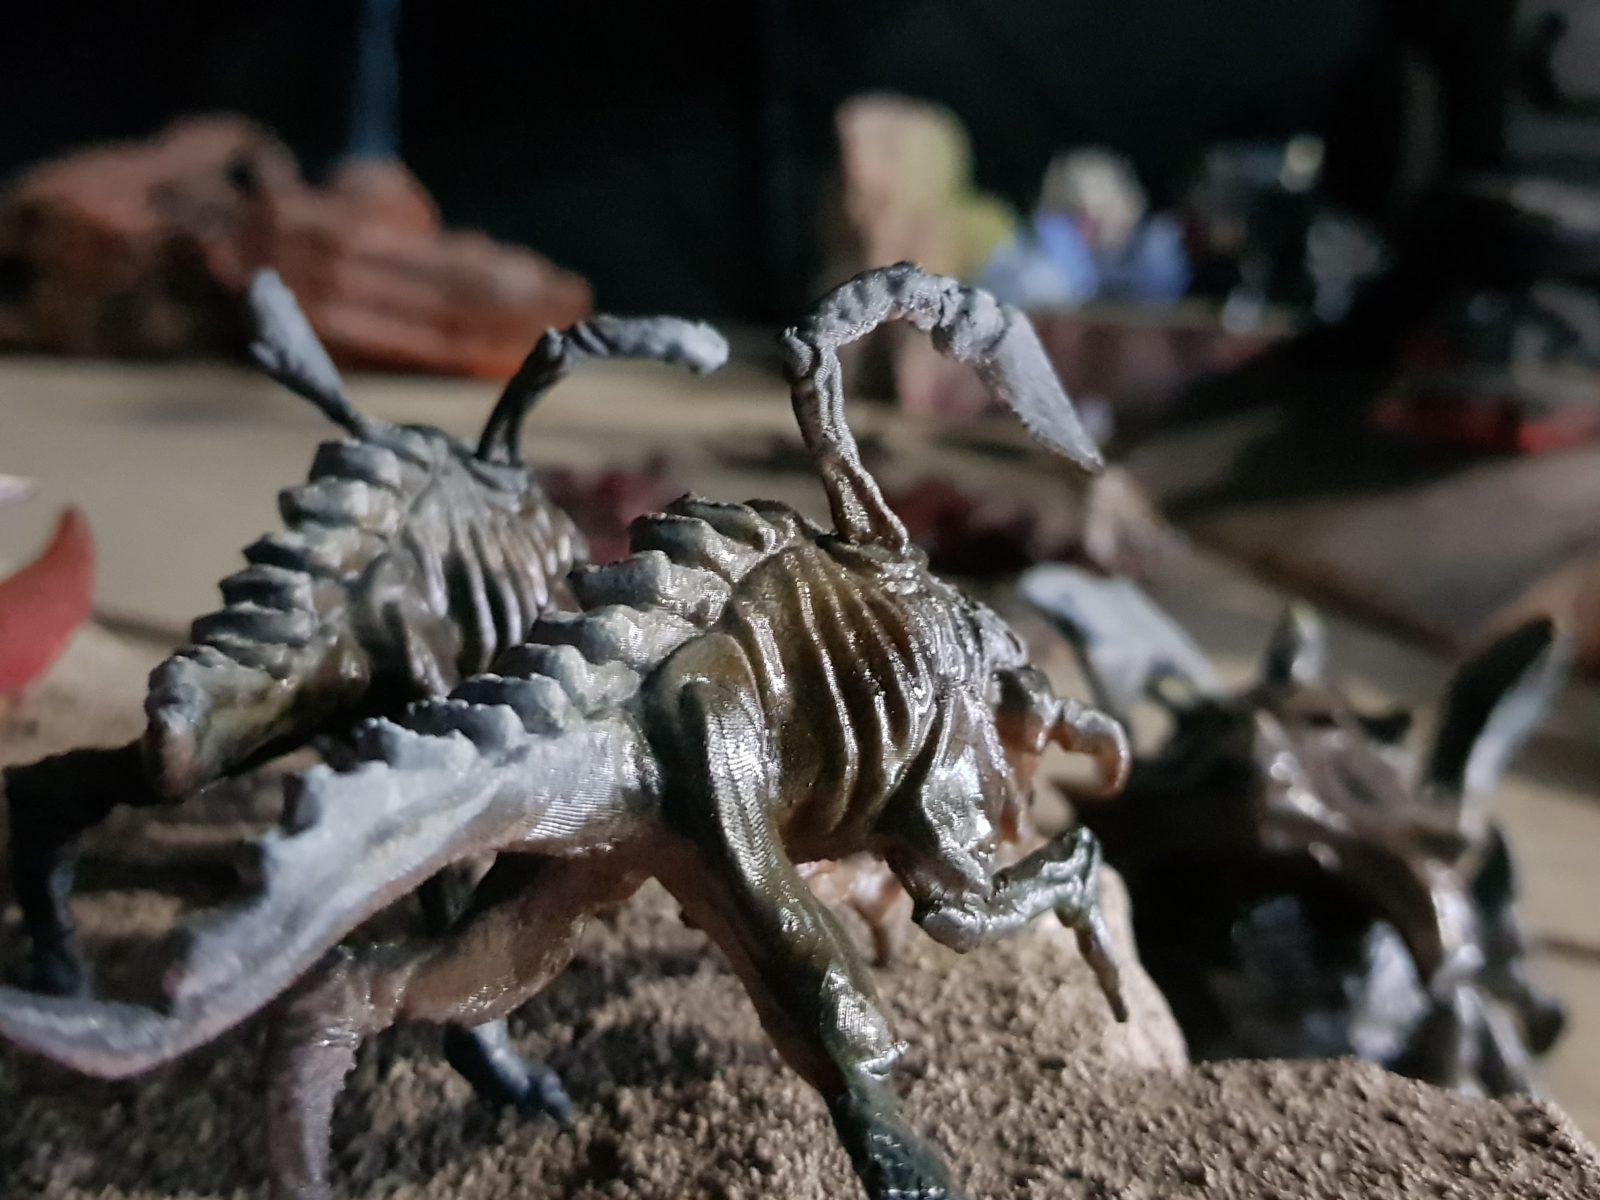 Roach 3D Printed Models